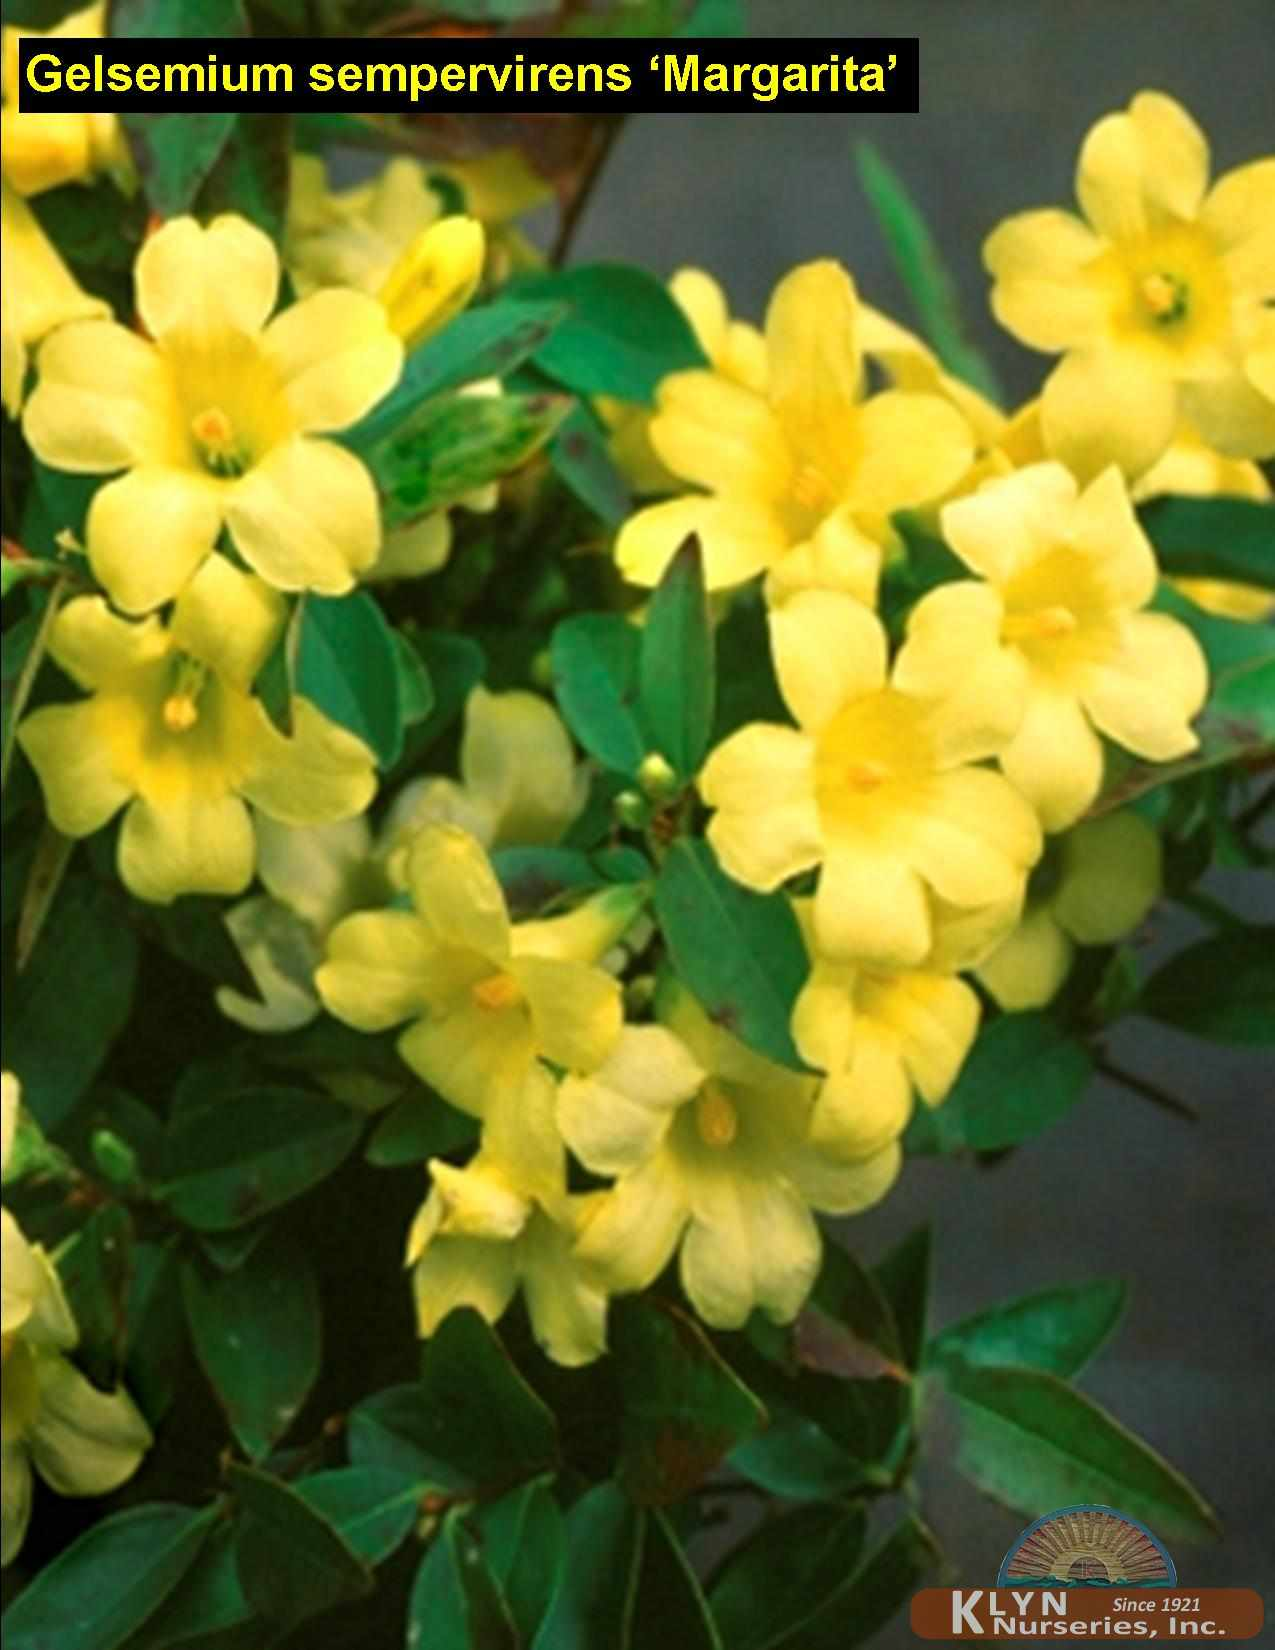 Gelsemium Sempervirens Margarita Klyn Nurseries Inc